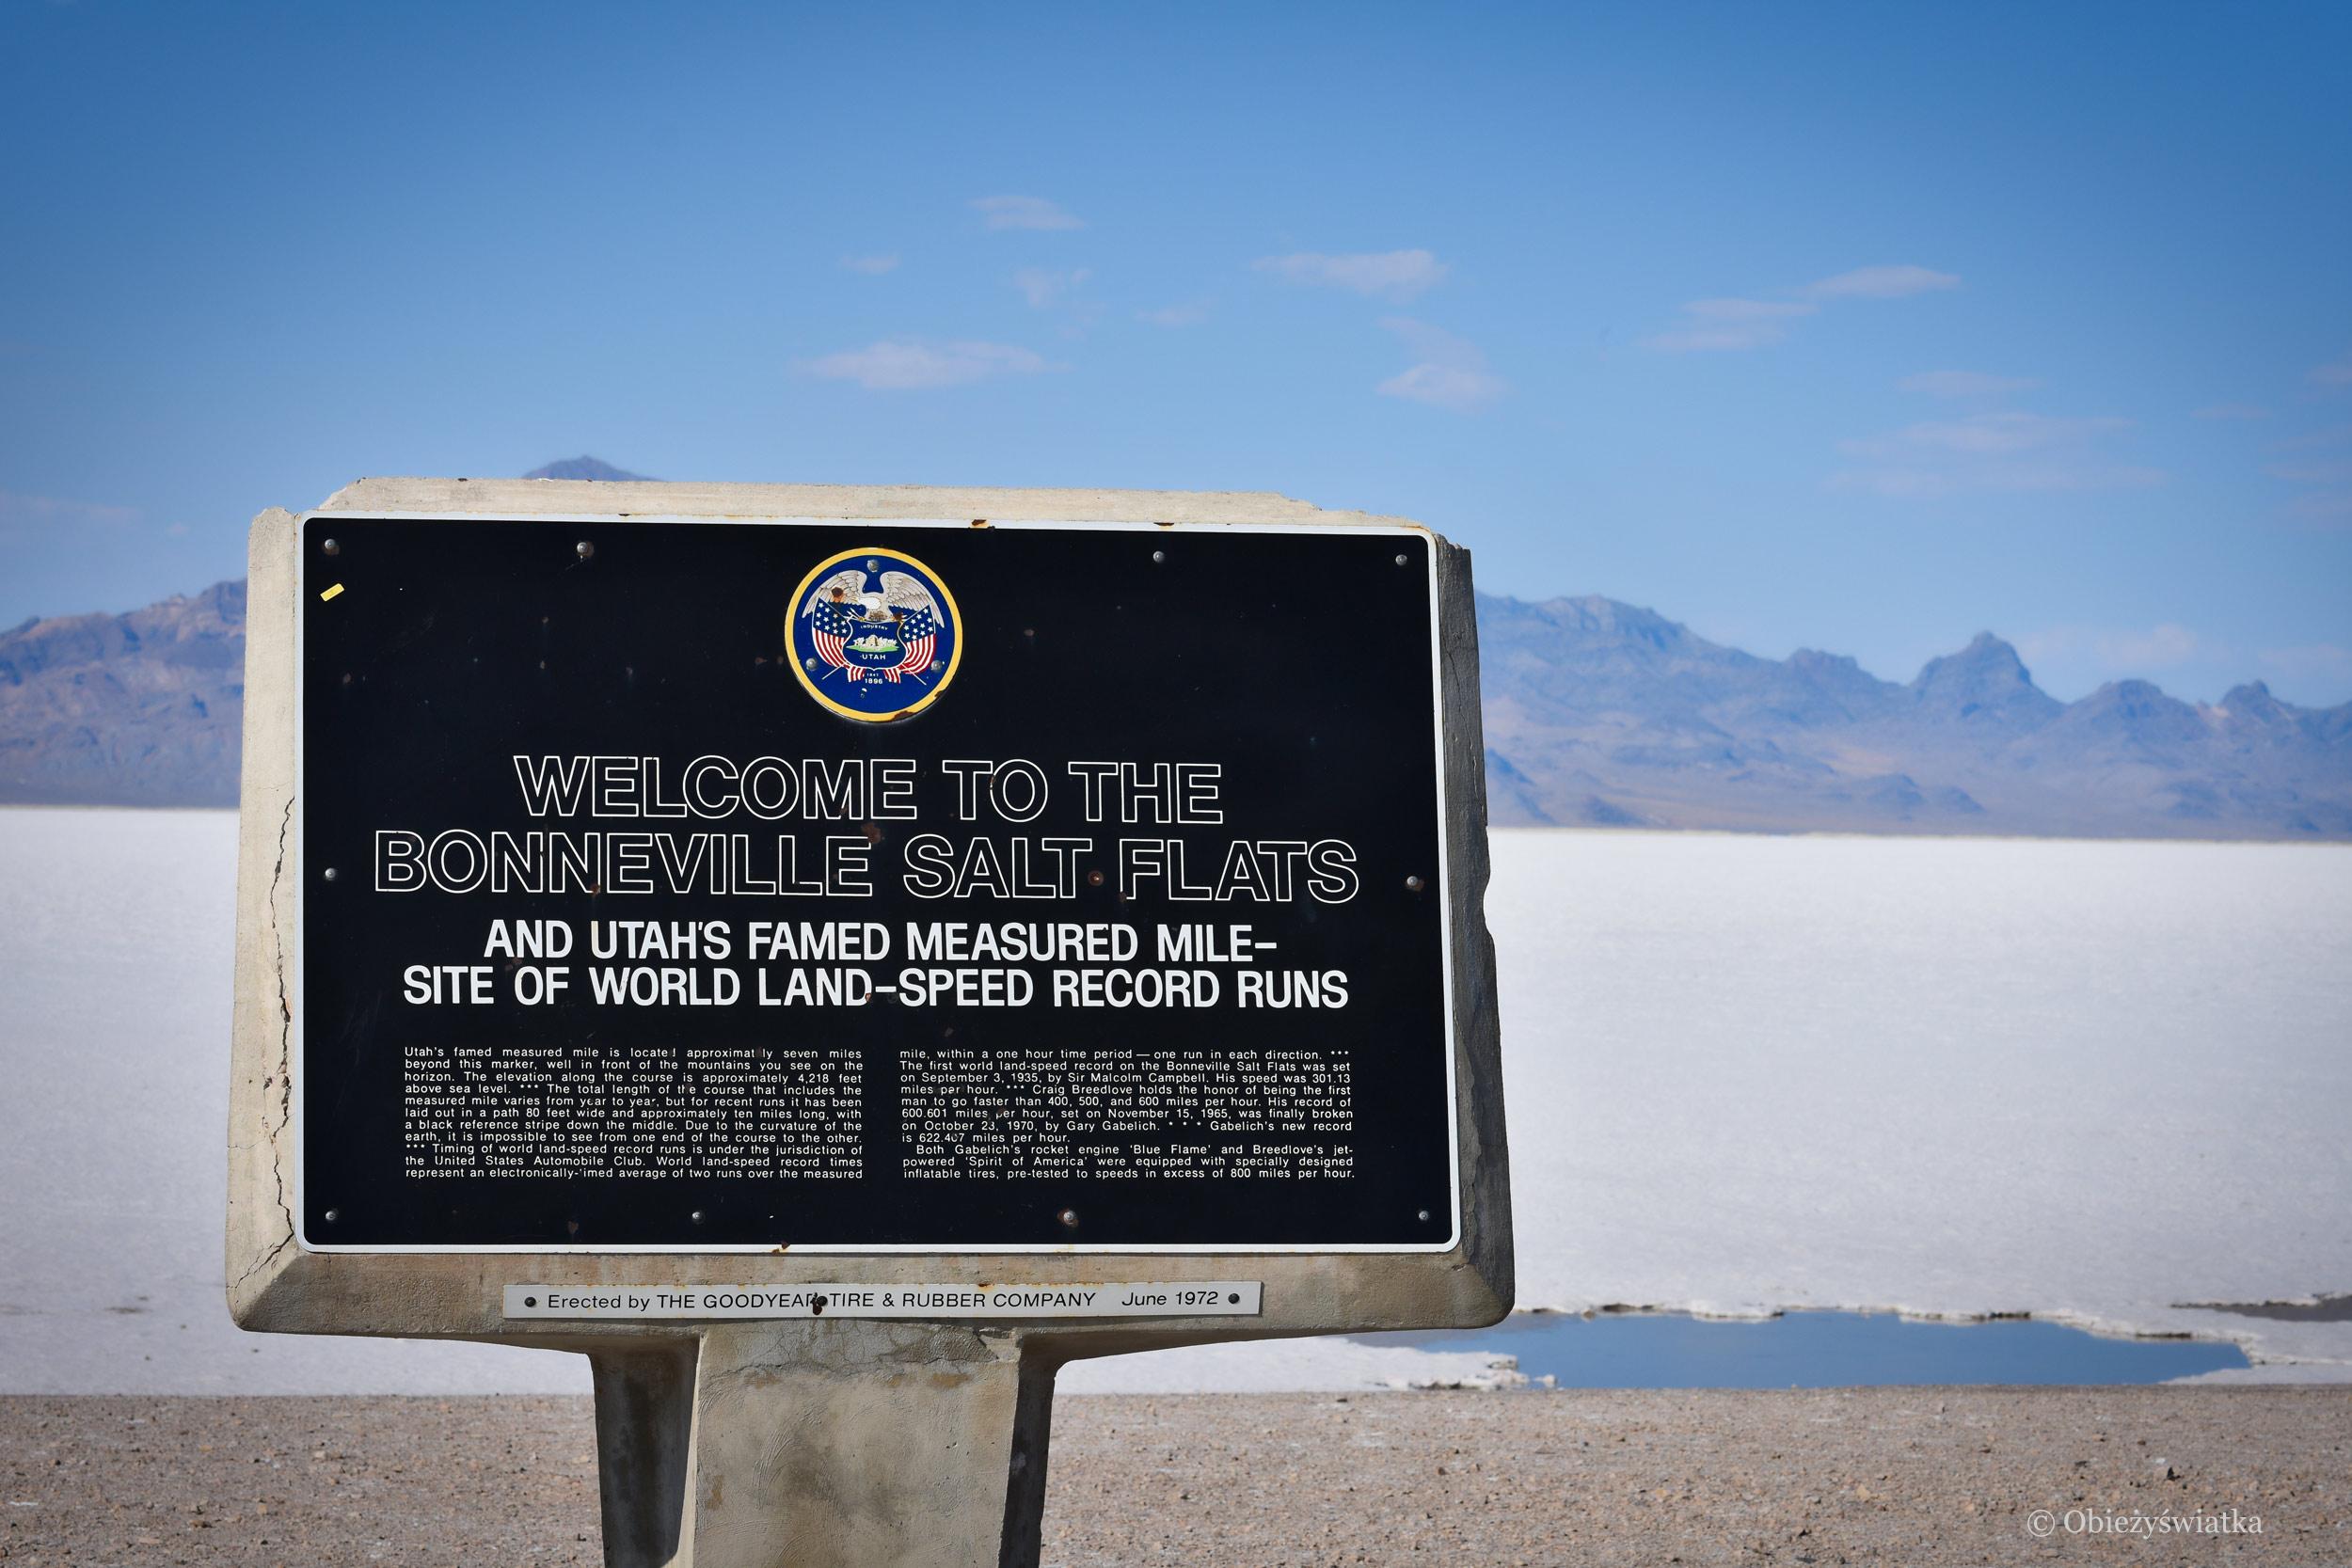 Miejsce bicia rekordów szybkości - Bonneville Salt Flats, Great Salt Lake Desert